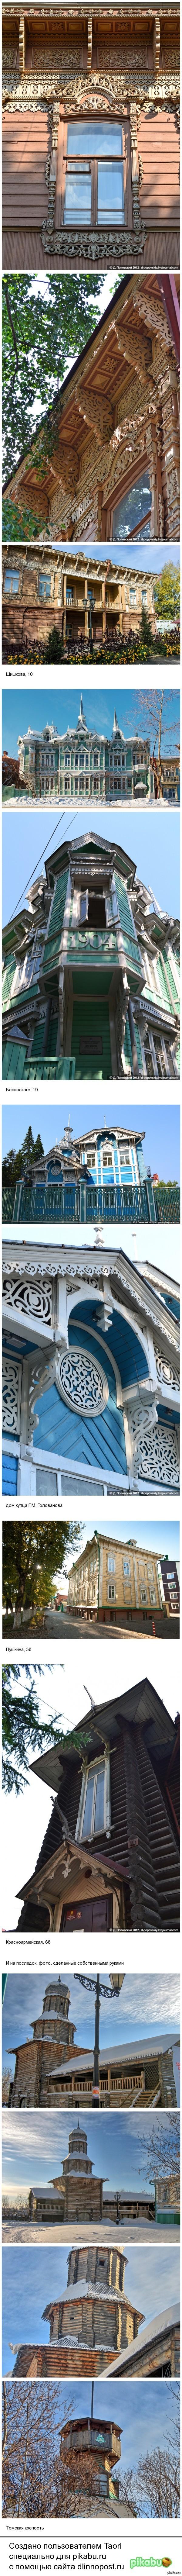 Деревянная архитектура г. Томска 1 часть